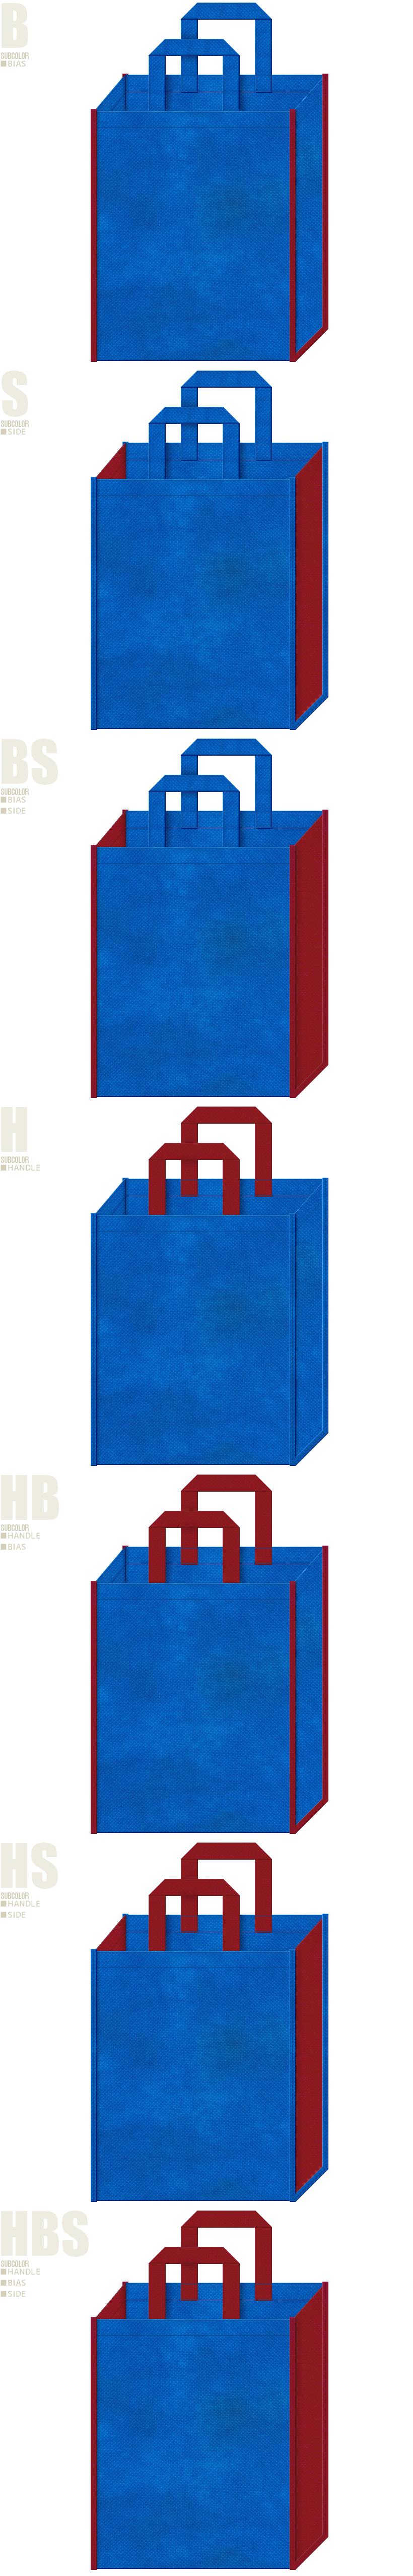 不織布トートバッグのデザイン例-不織布メインカラーNo.22+サブカラーNo.25の2色7パターン